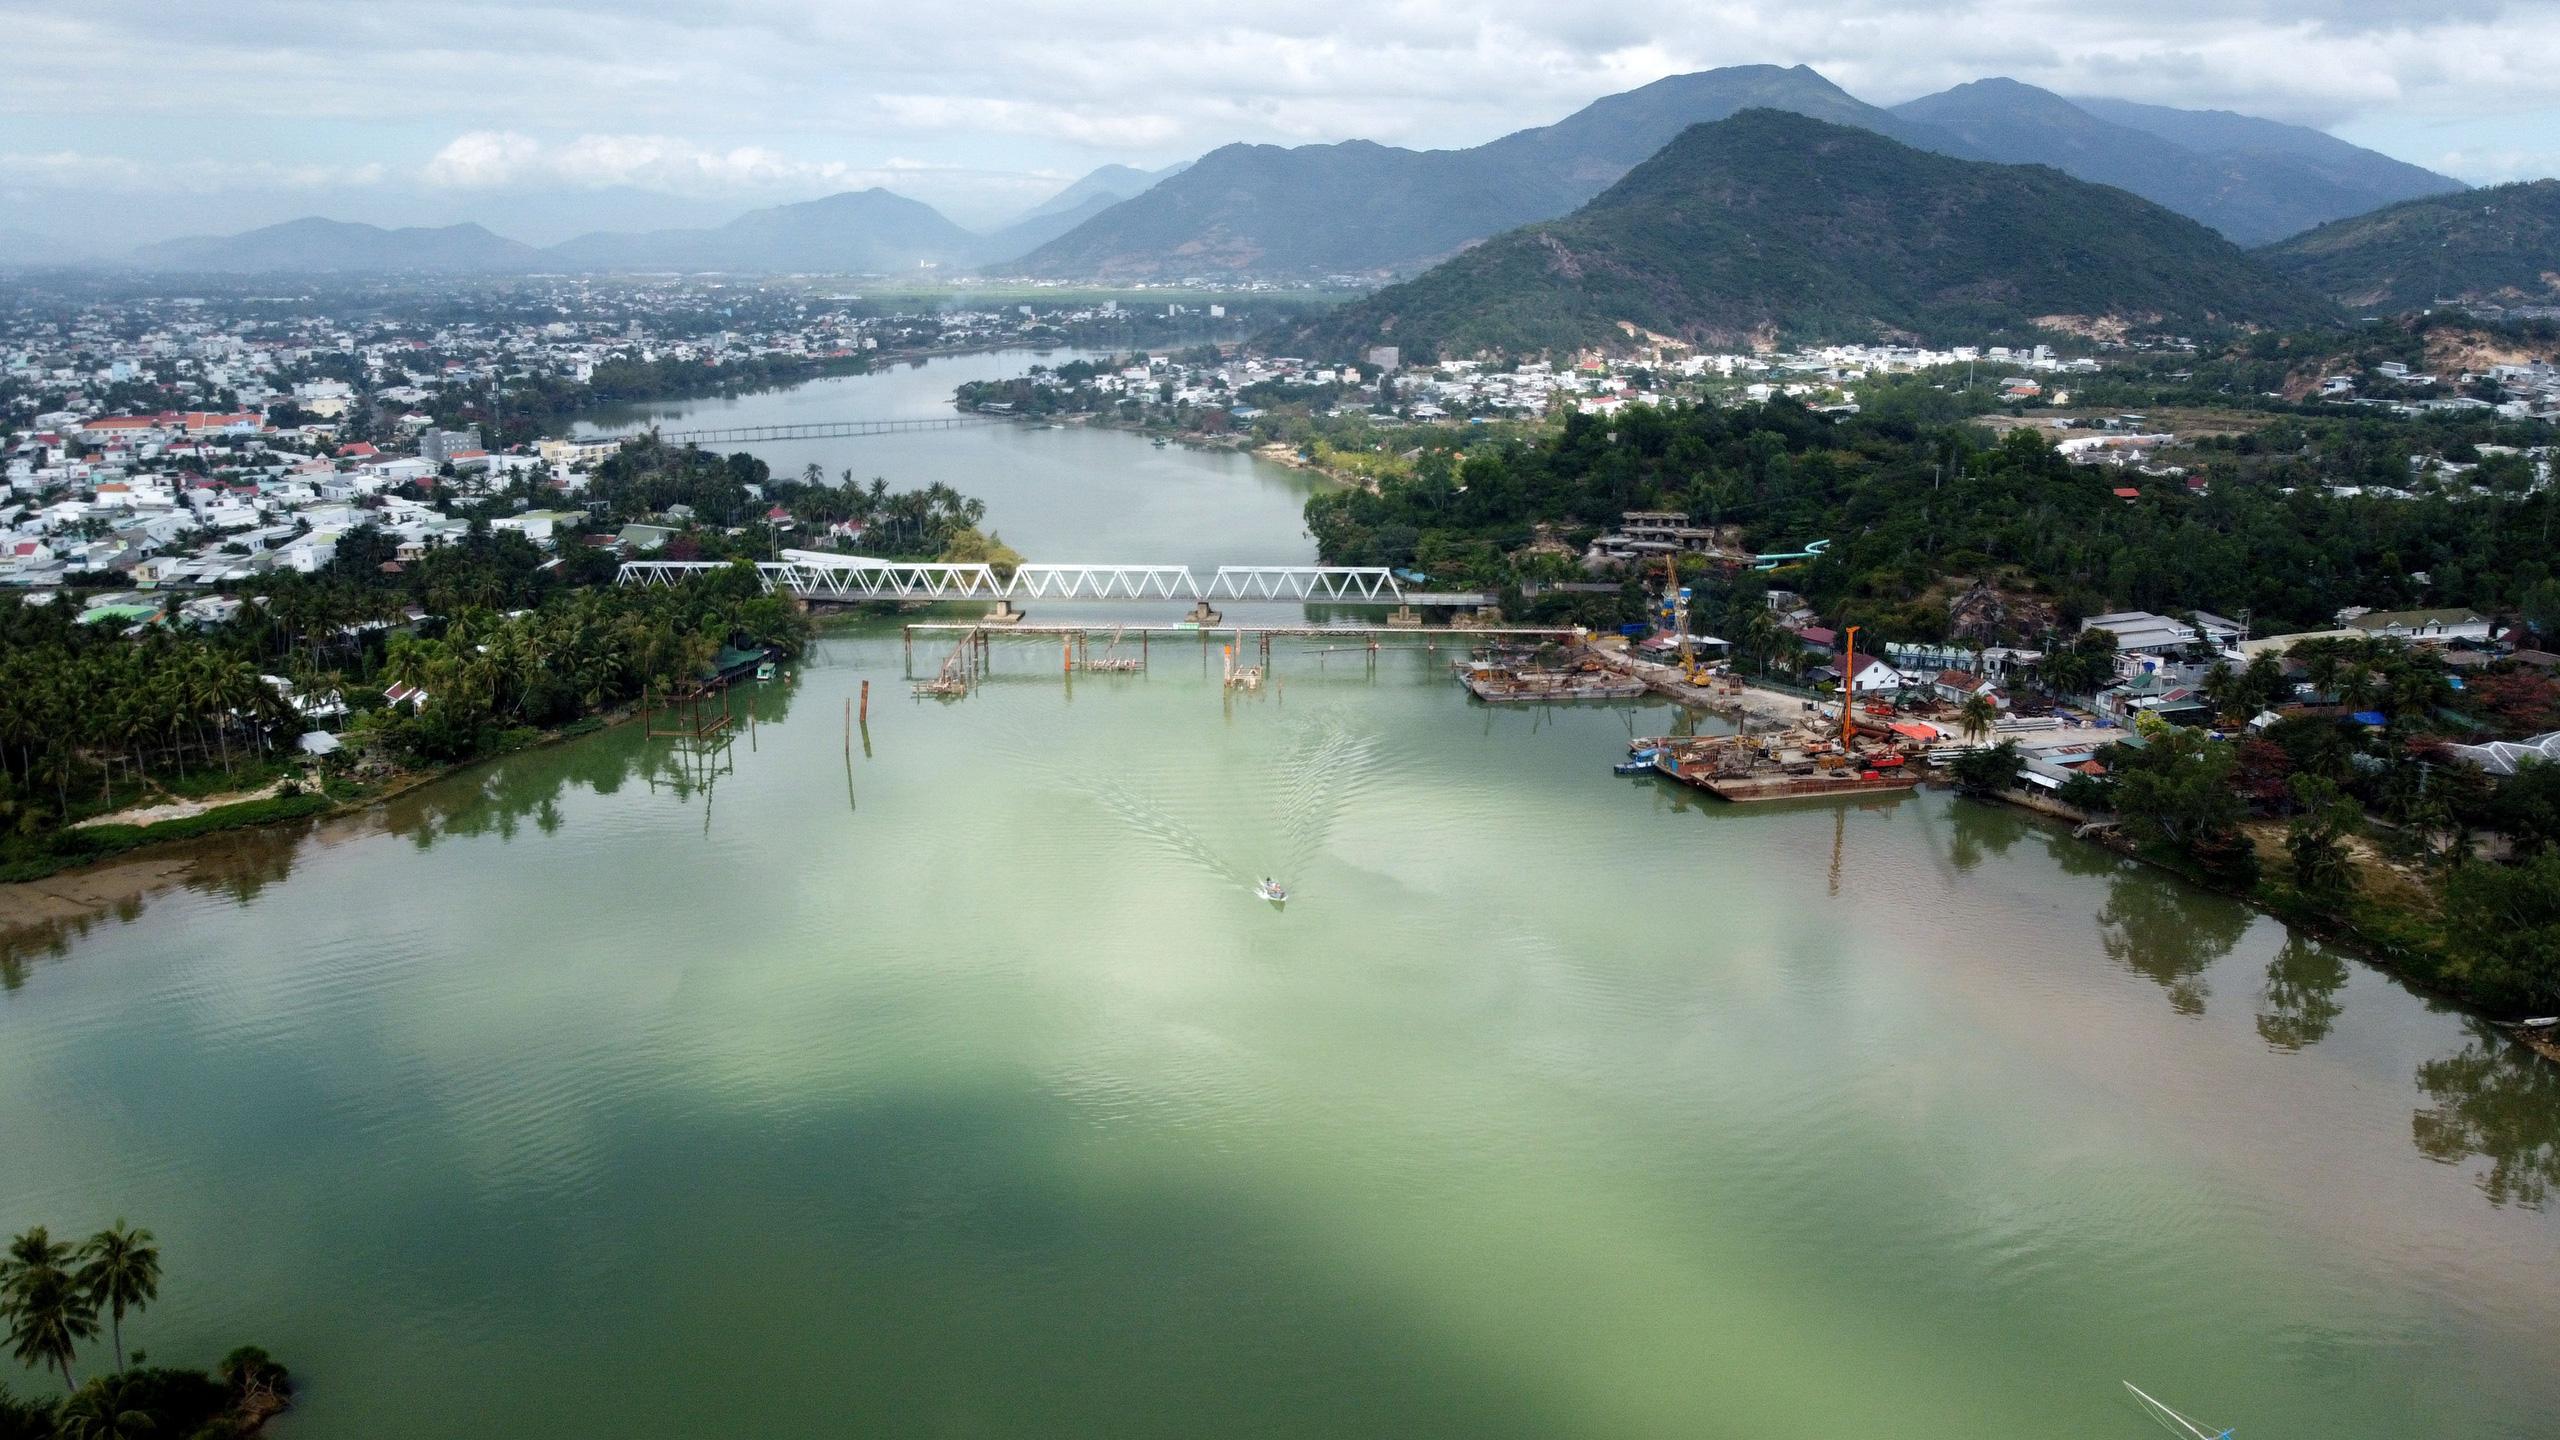 Bắc Ninh, Thừa Thiên - Huế, Khánh Hòa đã chuẩn bị những gì để trở thành thành phố trực thuộc Trung ương? - Ảnh 5.